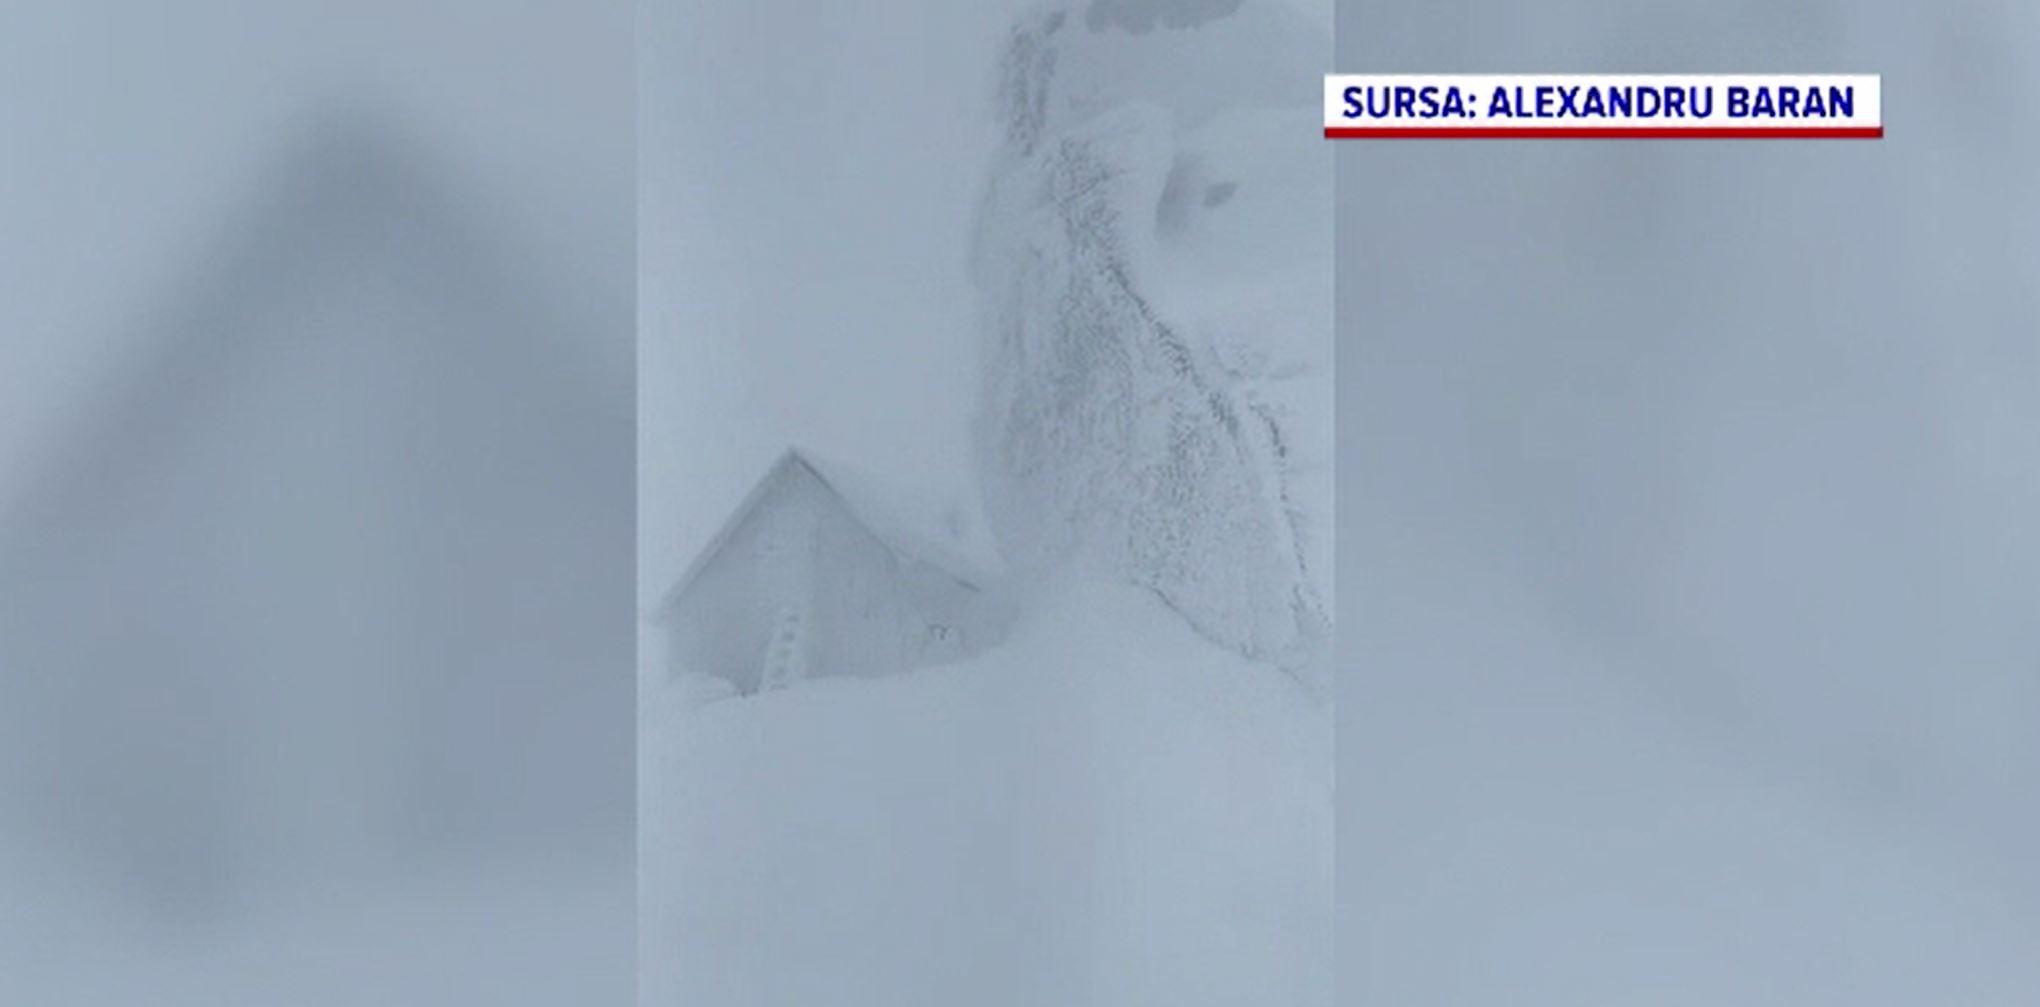 Alertă de vânt puternic în mai multe zone montane. La ce trebuie să fie atenți turiștii